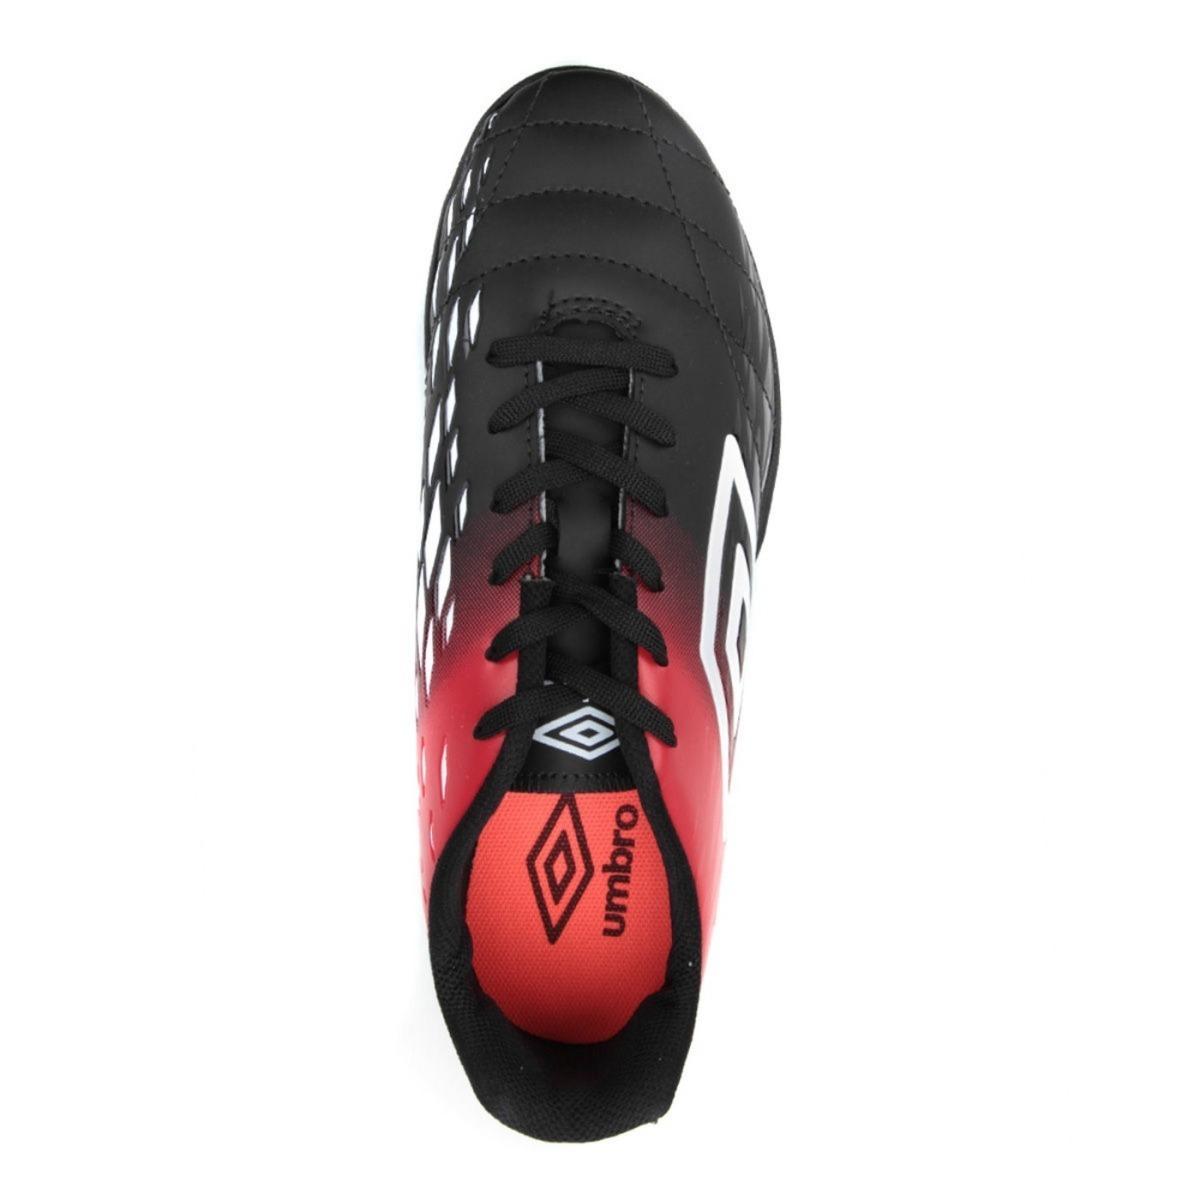 dd863bb039 nuevos botines umbro fifty ii scty negro rojo - envío gratis. Cargando zoom.